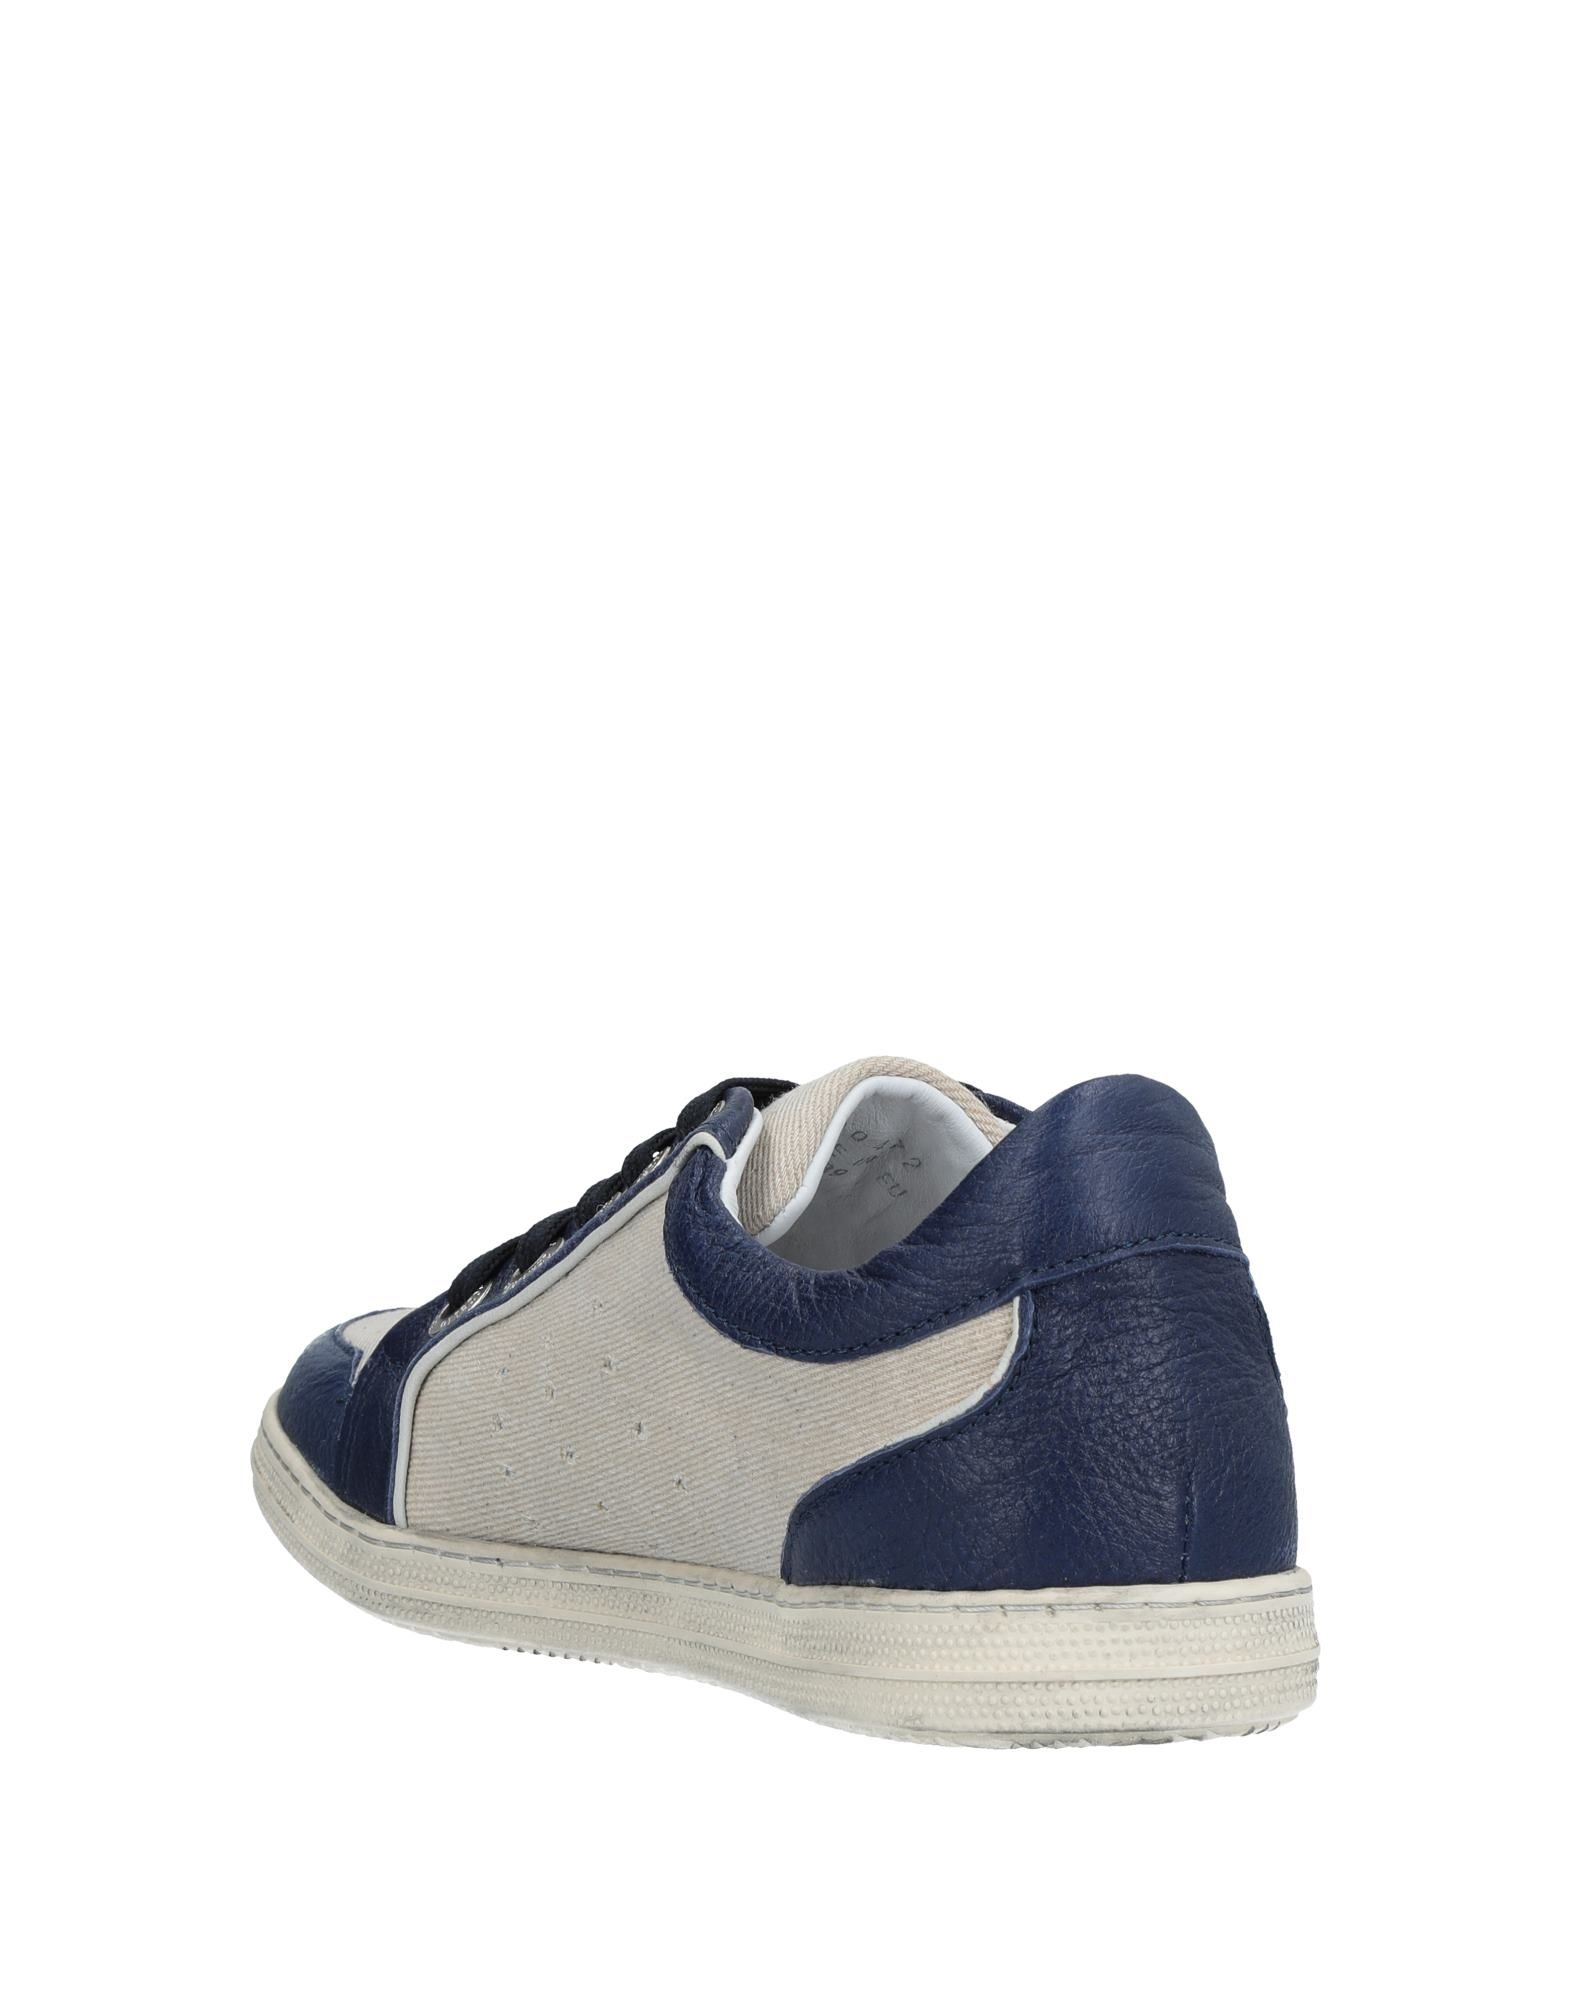 Rabatt Rabatt Rabatt echte Schuhe Frankie Morello Sneakers Herren  11538416SU 54ad02